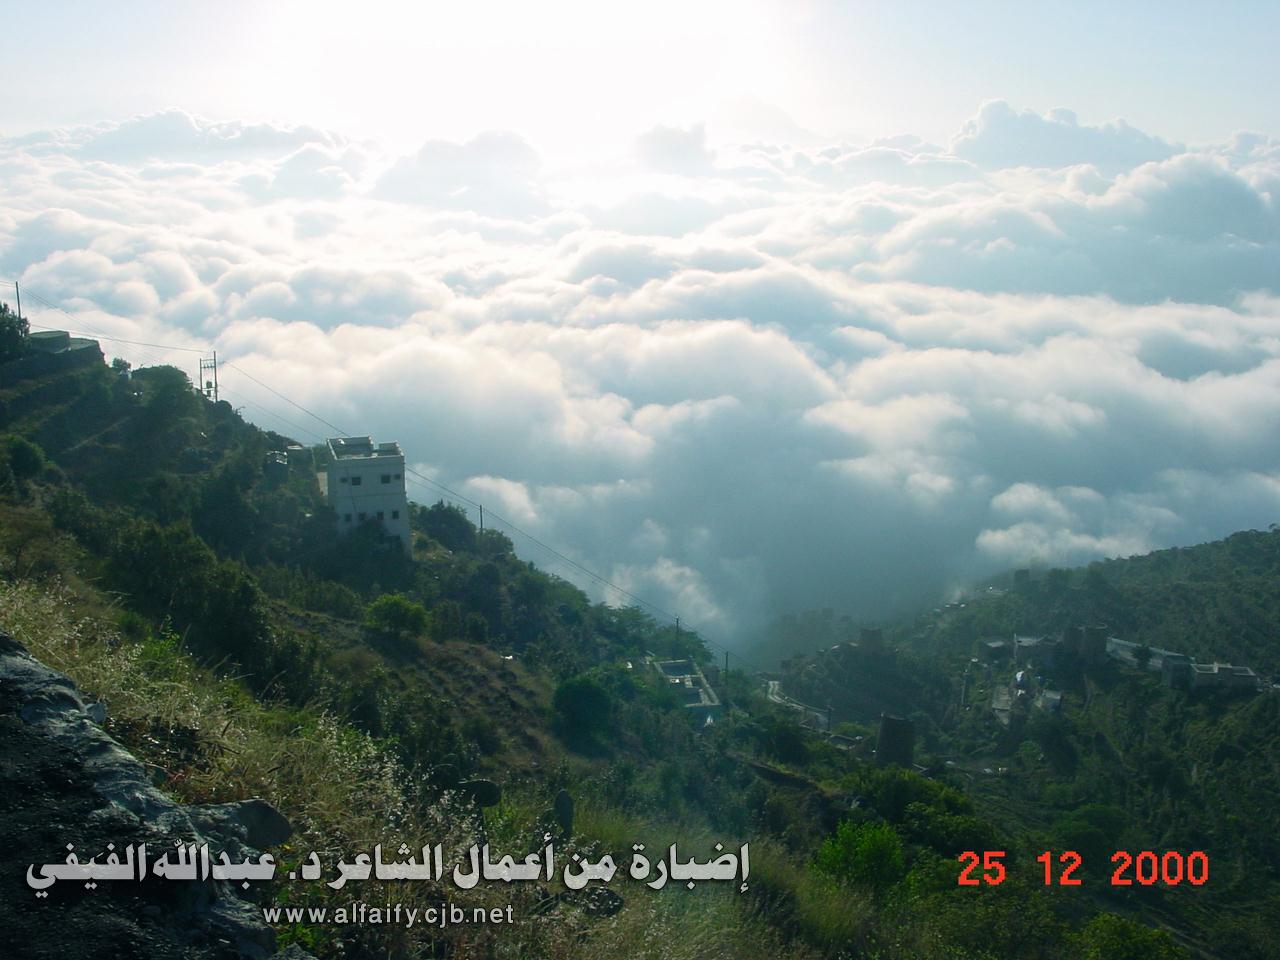 رحله سياحيه في فيــــــــــــفـاء 1